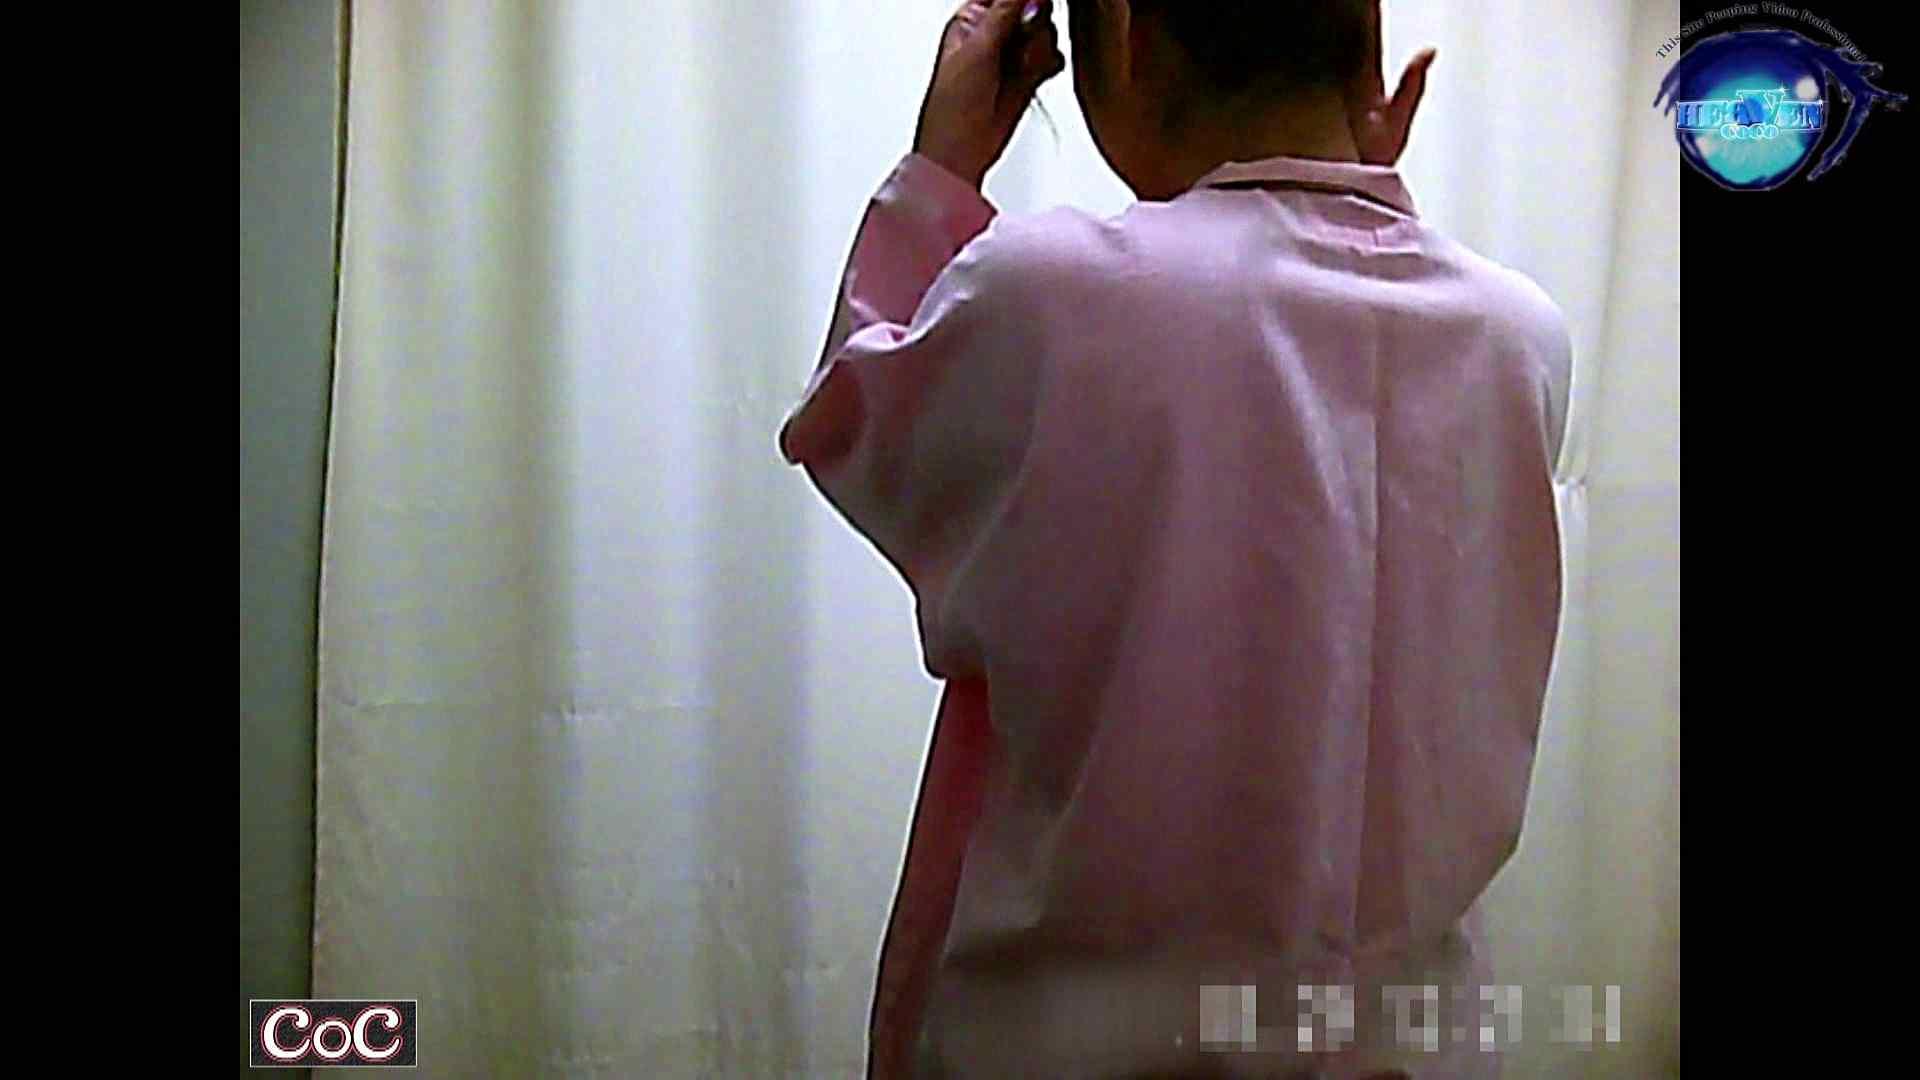 激ヤバ健康診断!着替えの一部始終.vol.19 ※本編ボカシ・目線無し 裸体 盗撮動画紹介 113PIX 34